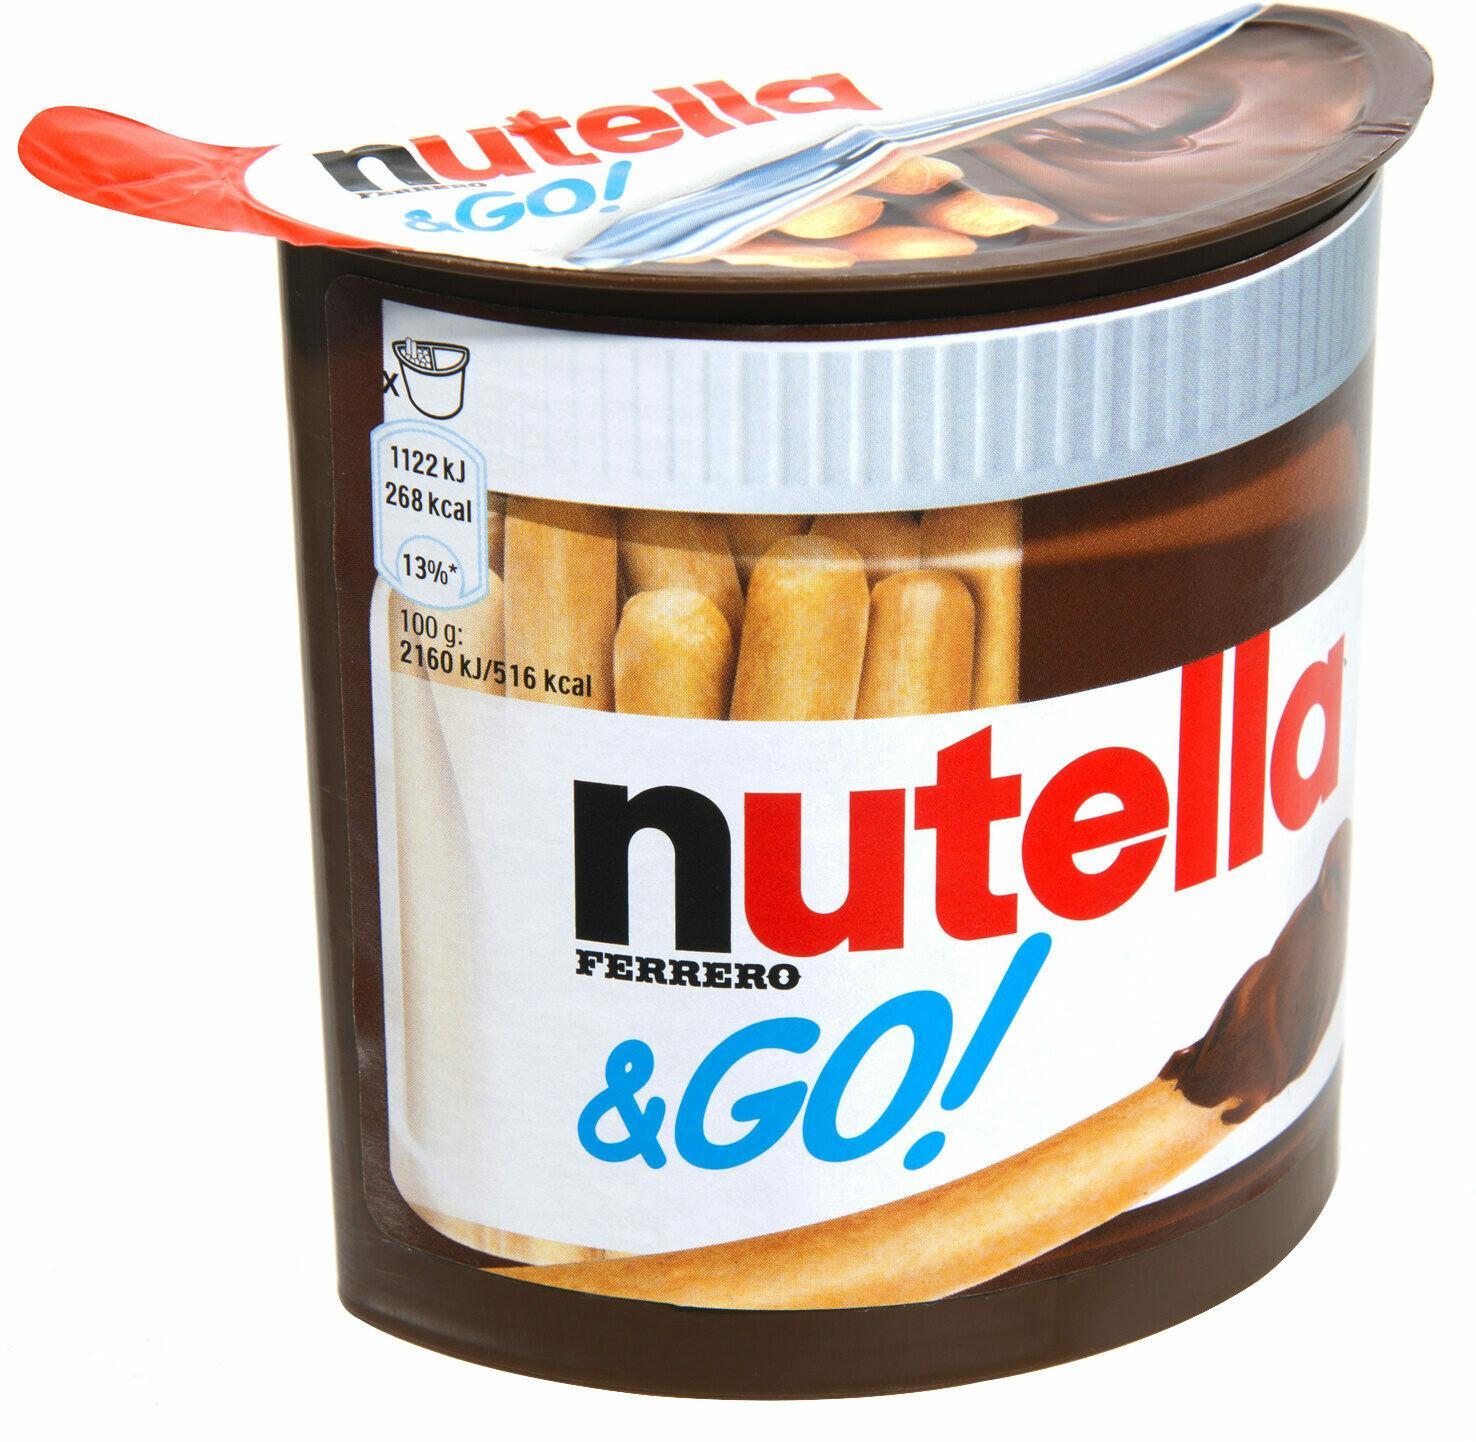 Nutella & Go !